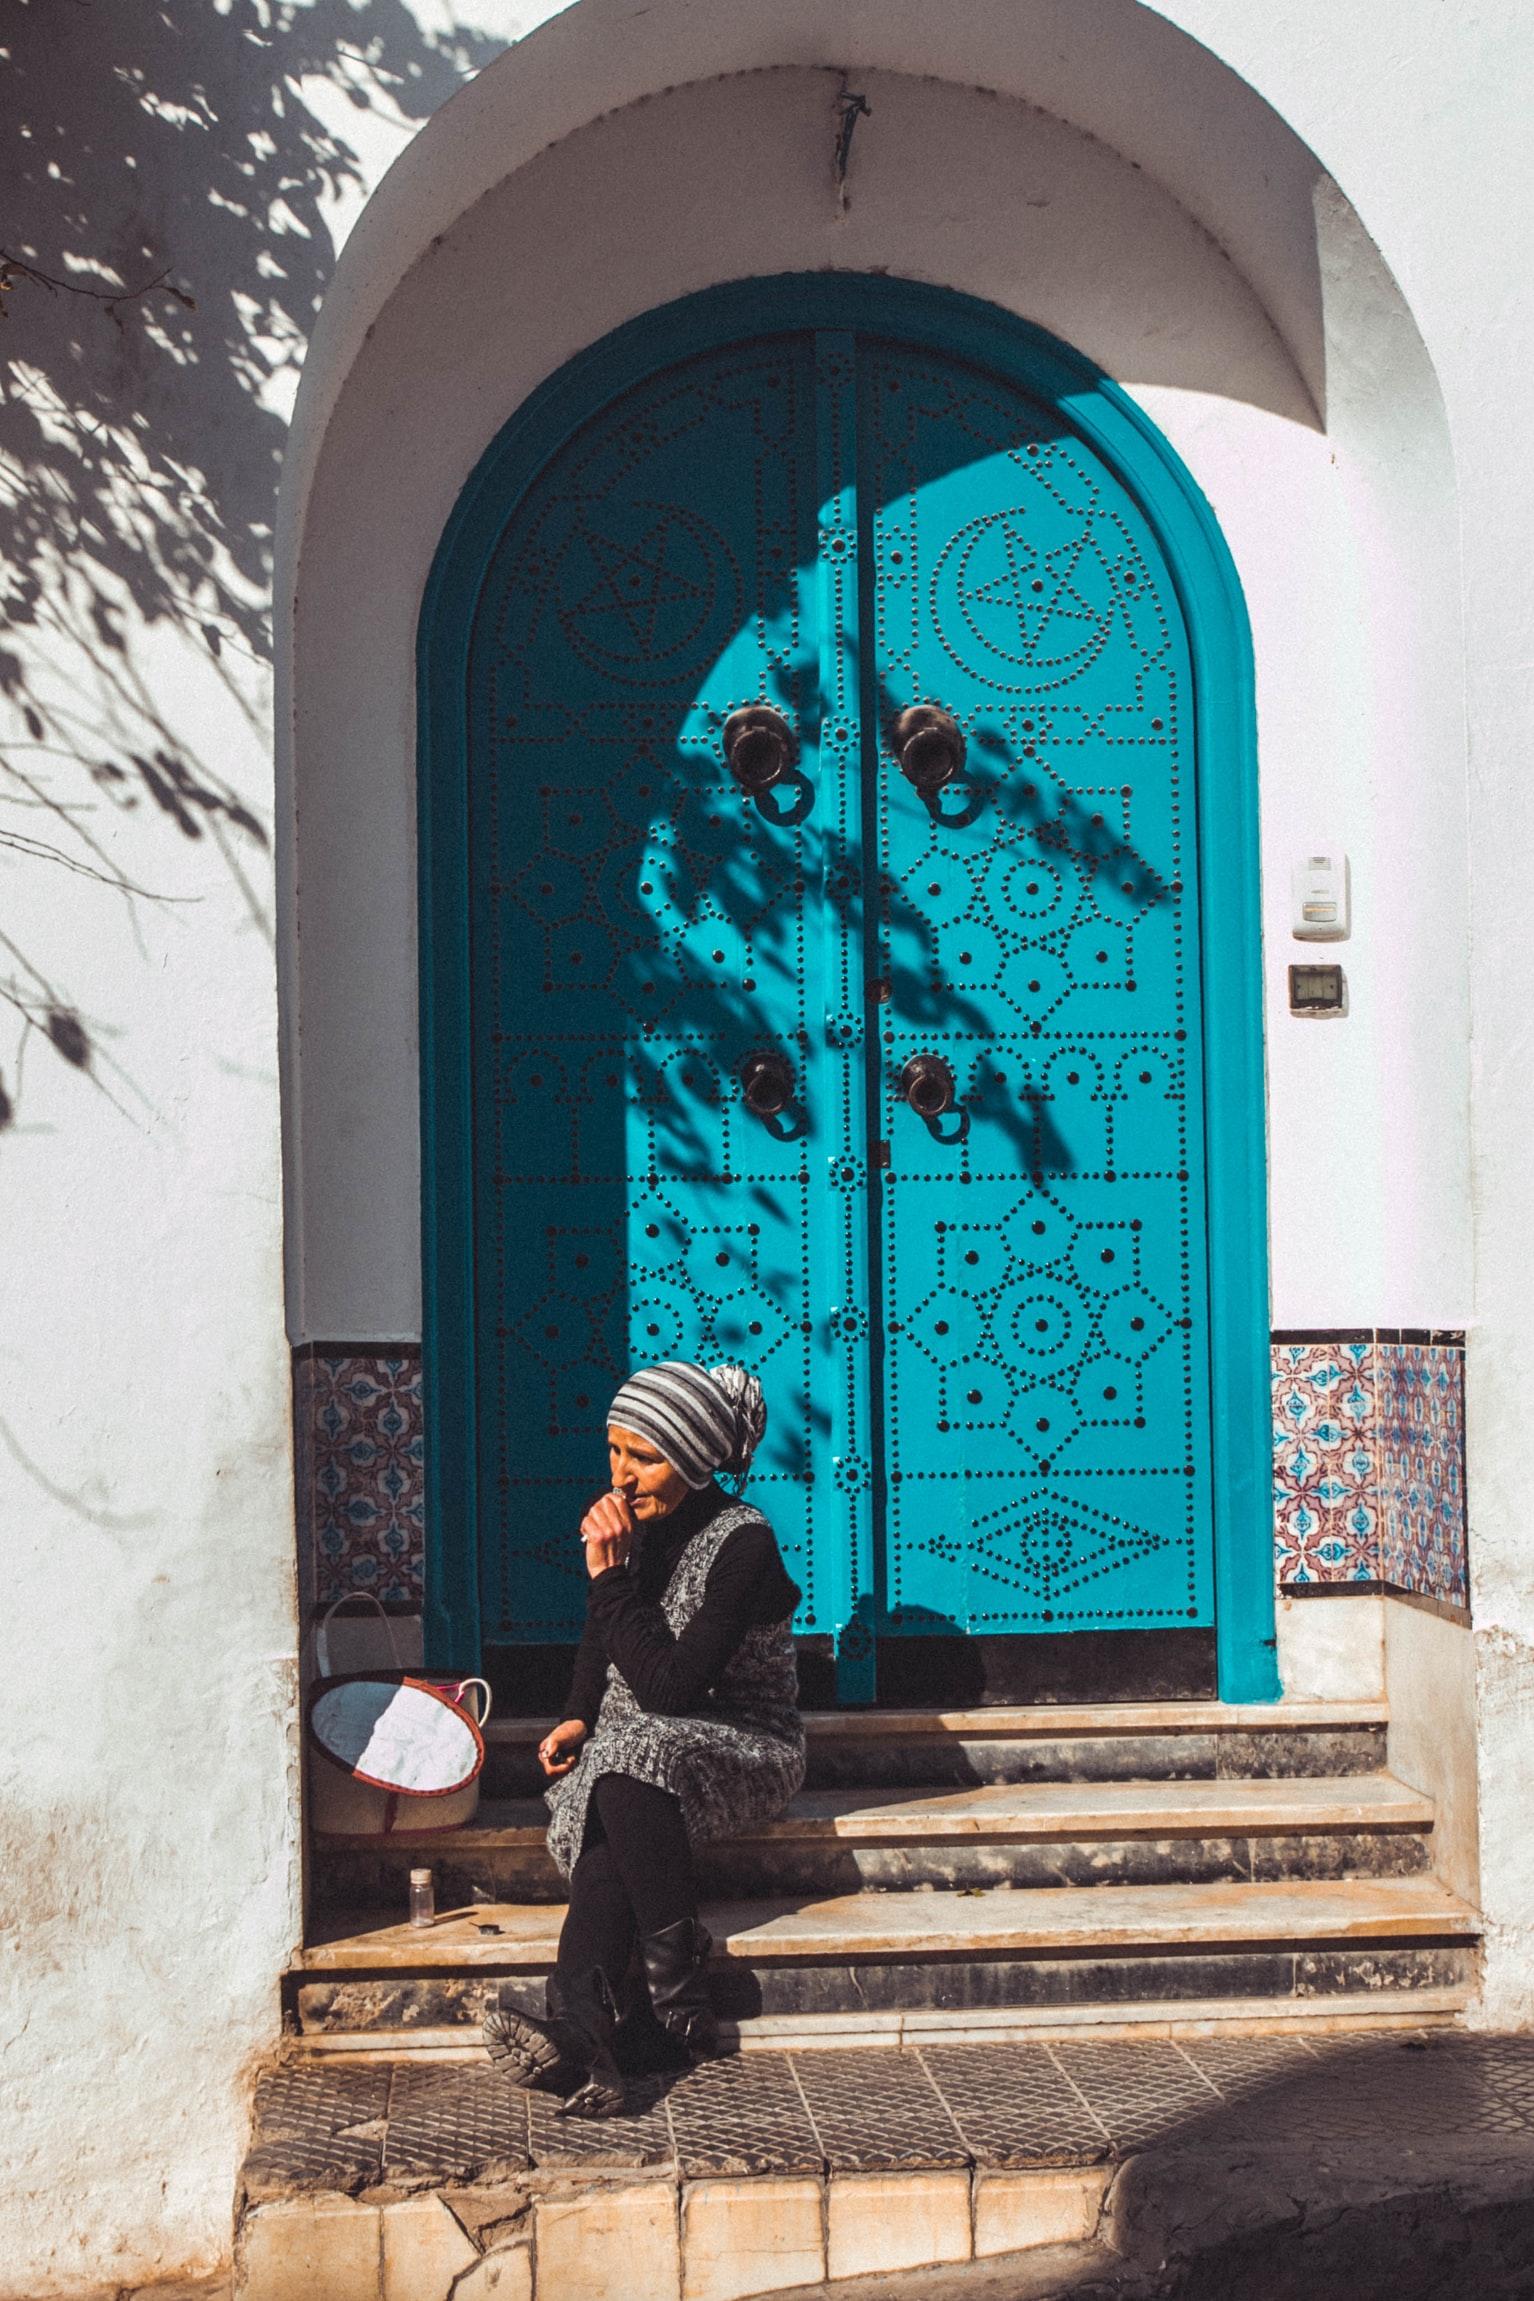 Scoprire la Tunisia in viaggio visitando Sidi Bou Said